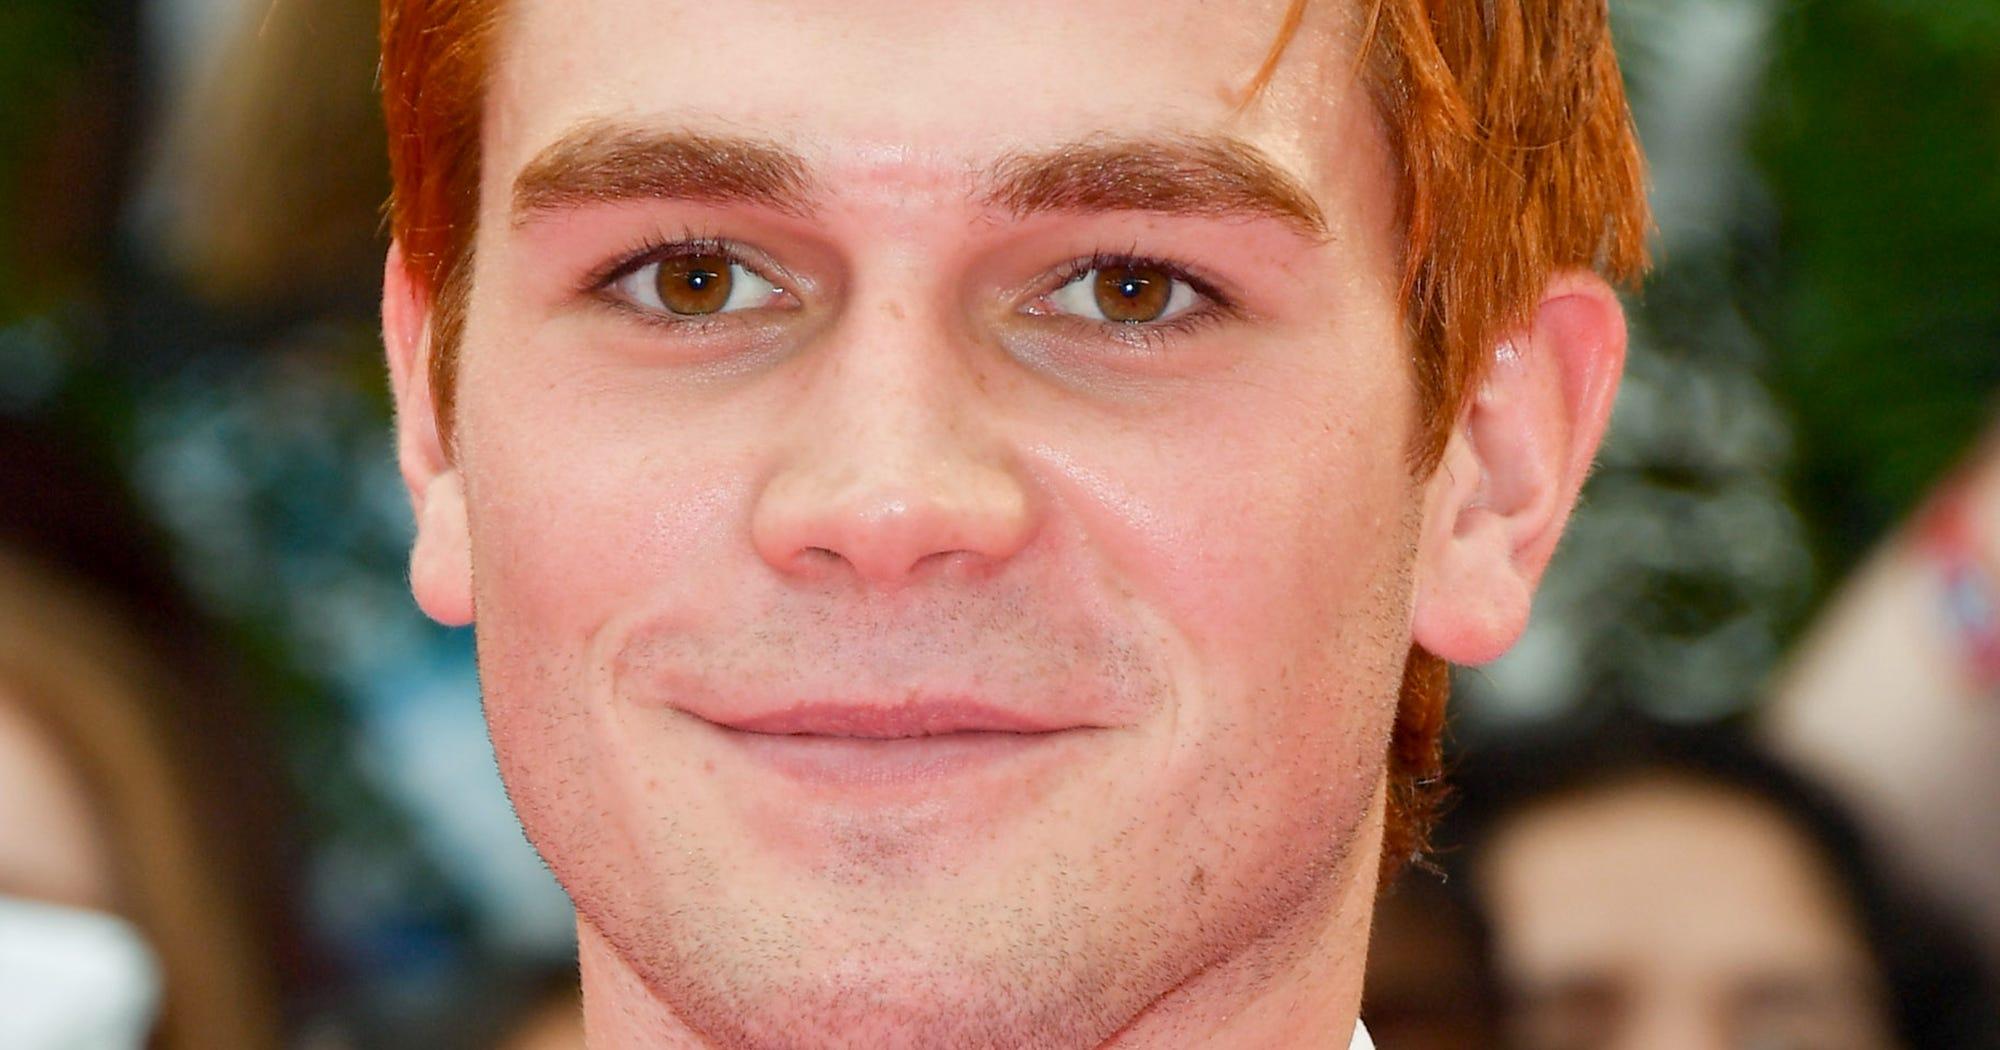 Celebrity look alike widget financial